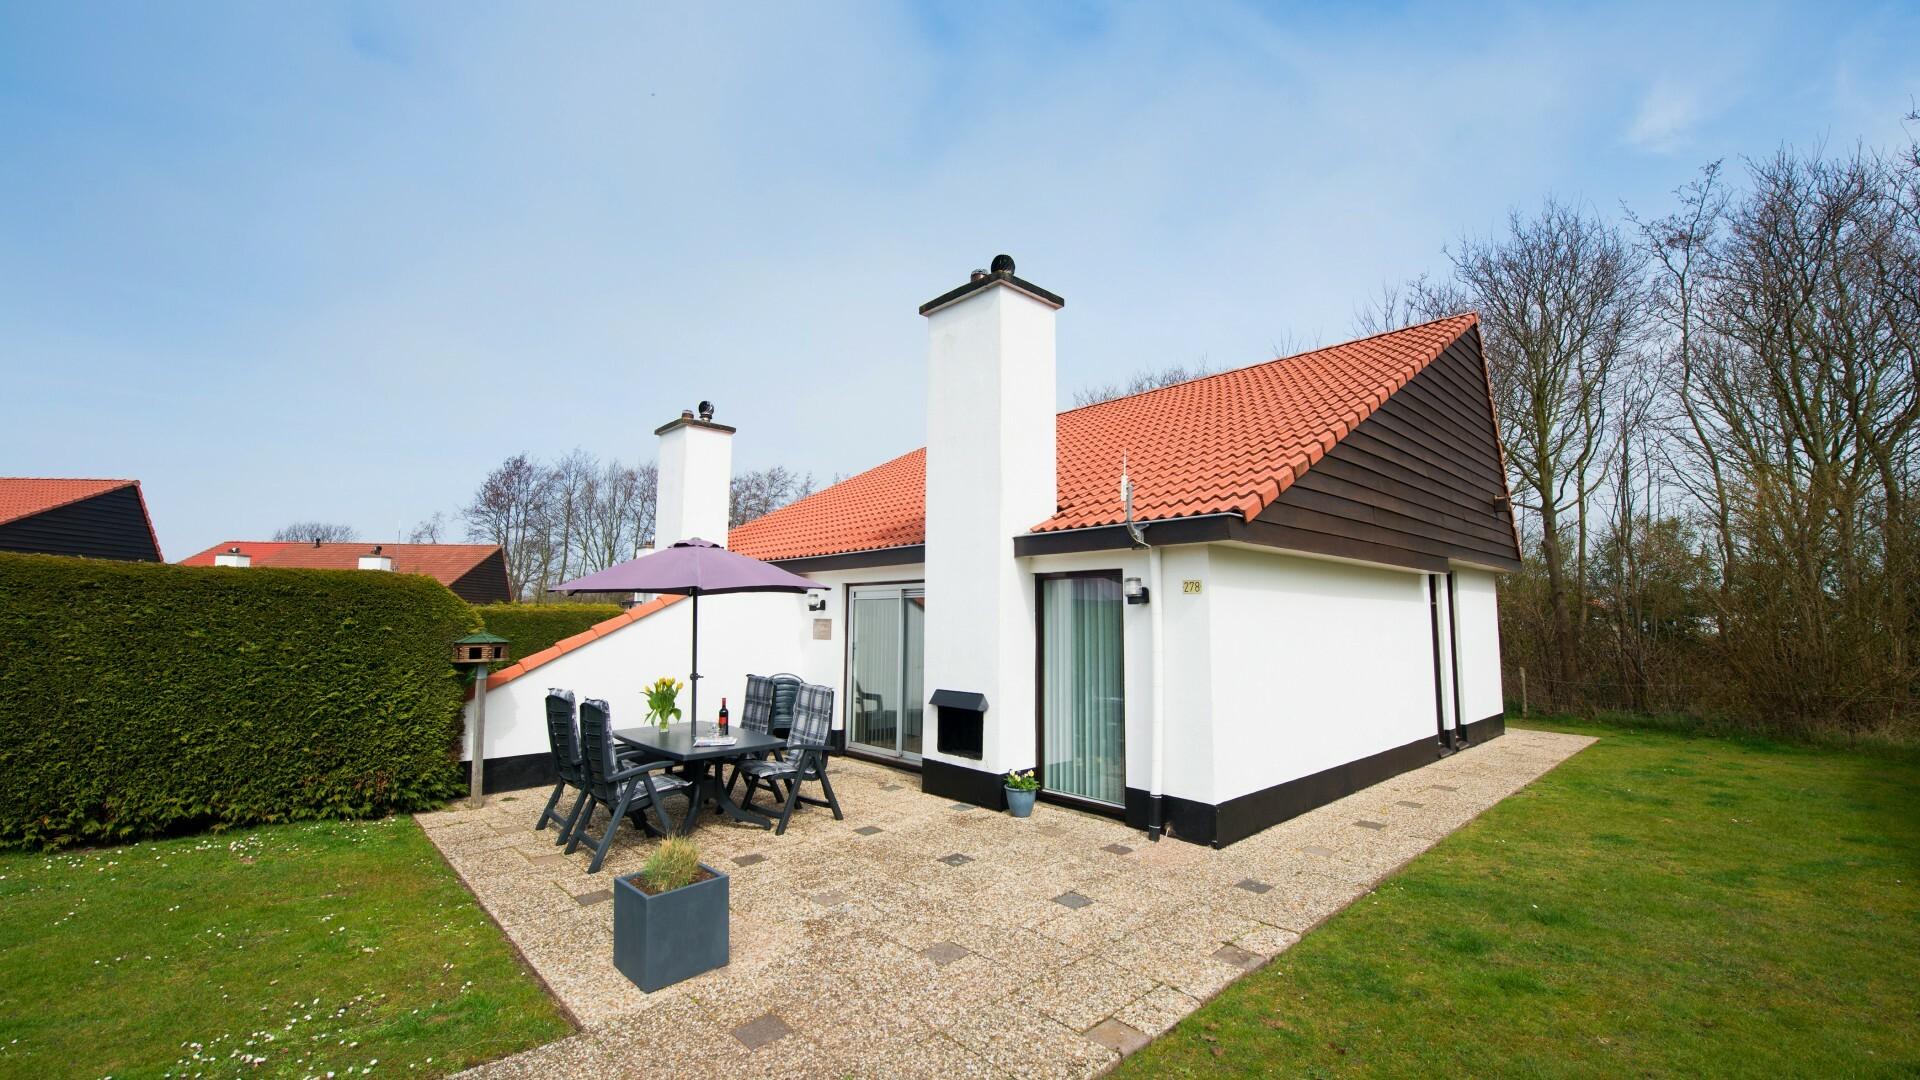 Gortersmient 302 geschakeld vakantiehuis in De Dennen VVV Texel